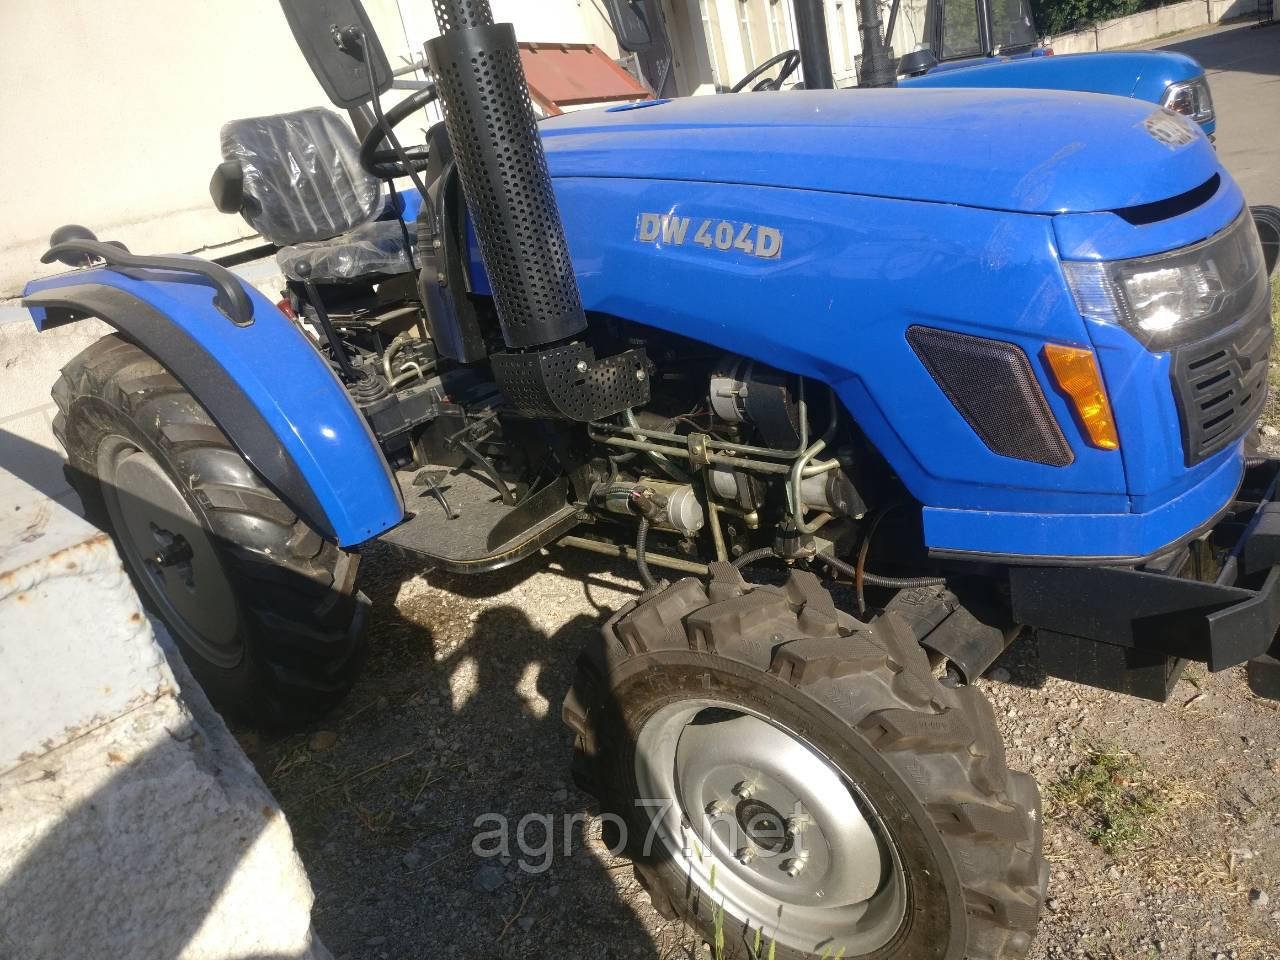 Трактор DW 404D (4х4, Гидроусилитель руля, доставка)